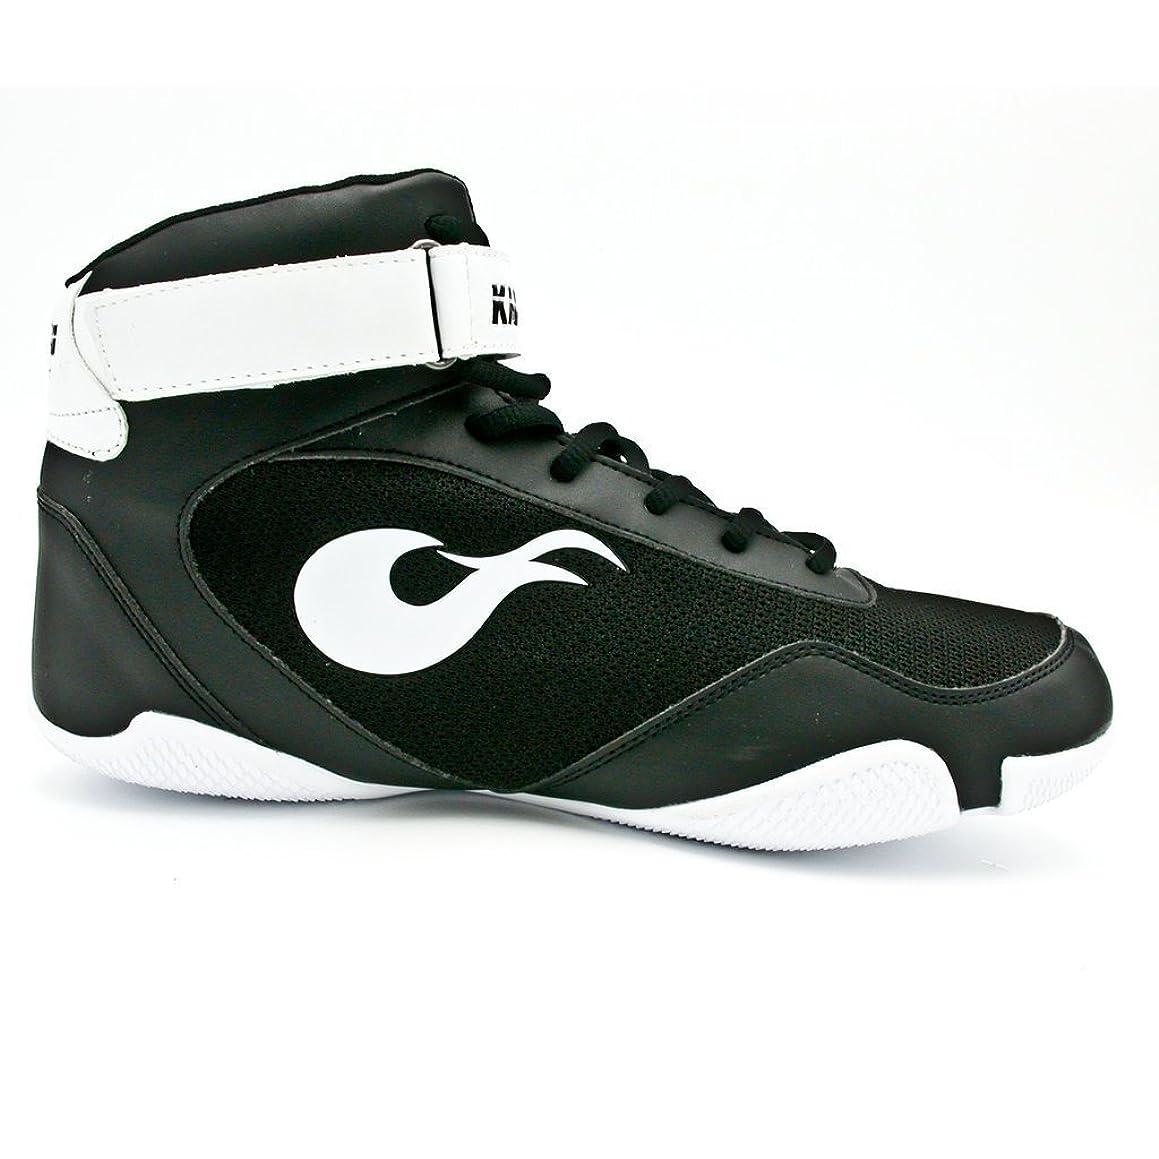 KANISI Unanimous Boxing Shoe